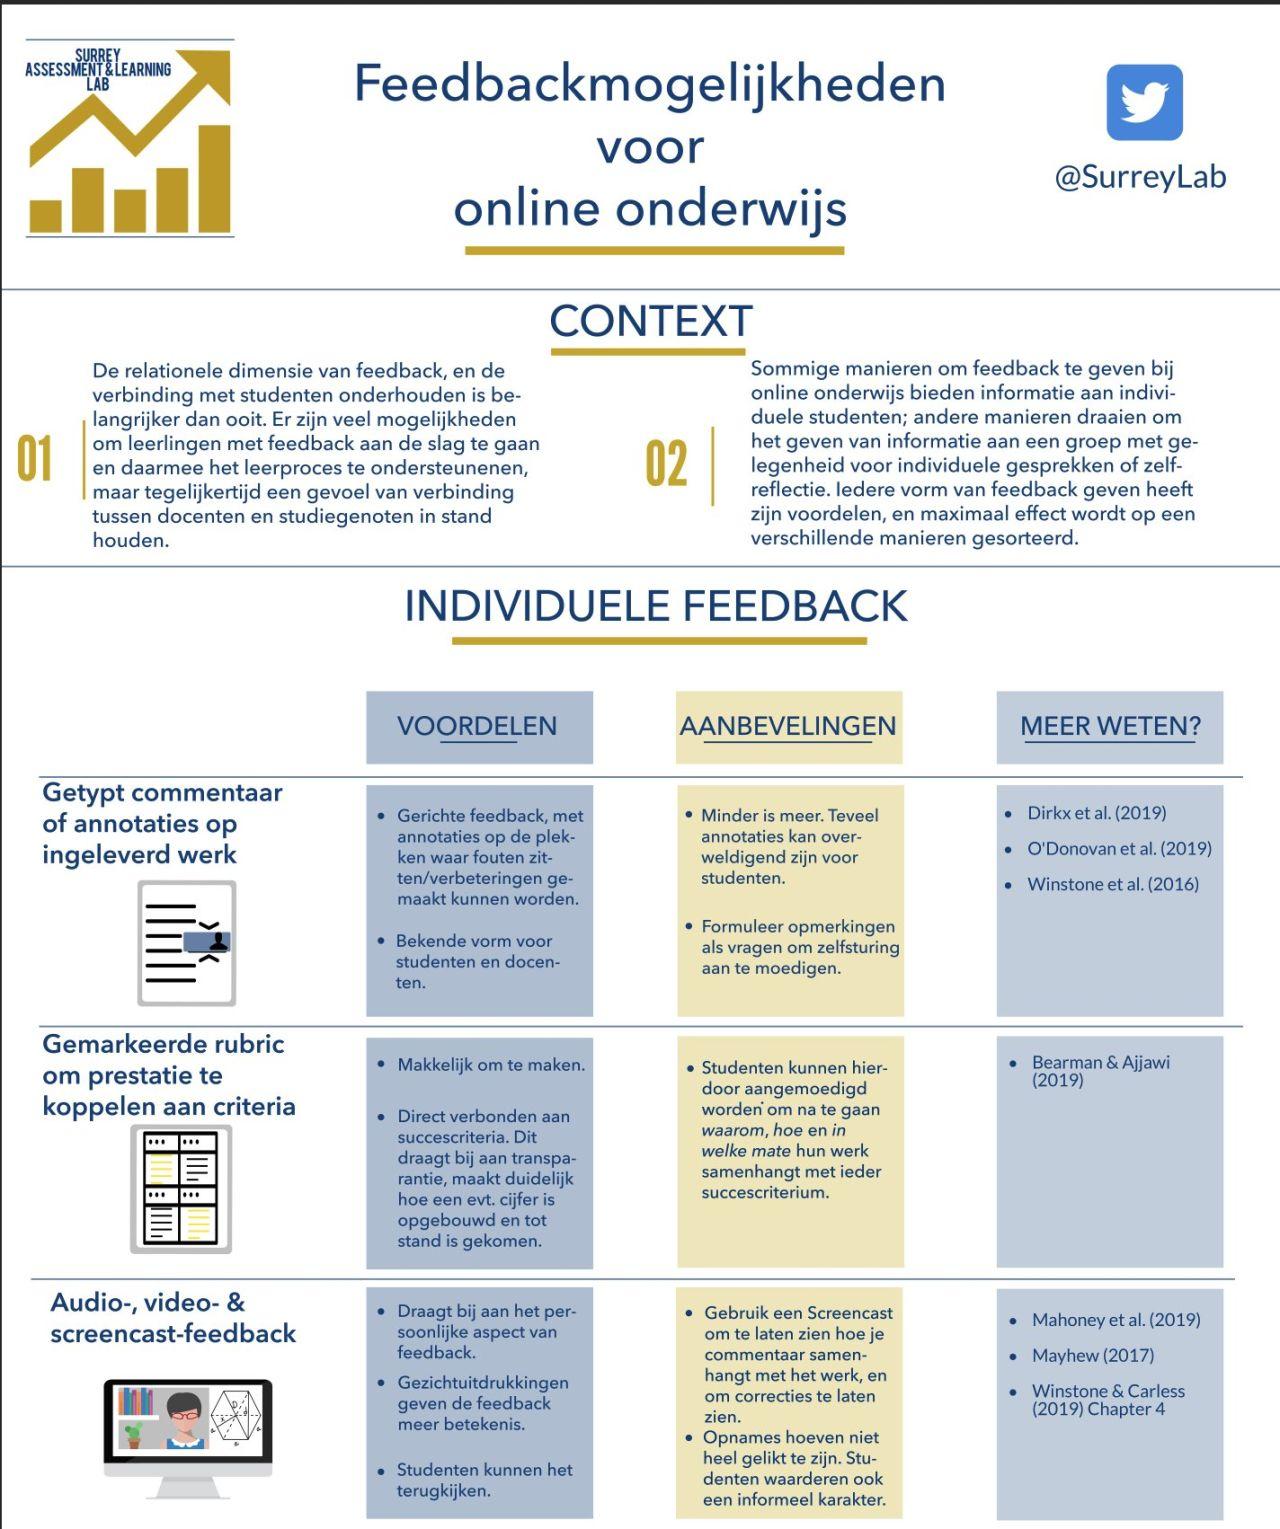 feedbackmogelijkheden voor online onderwijs.